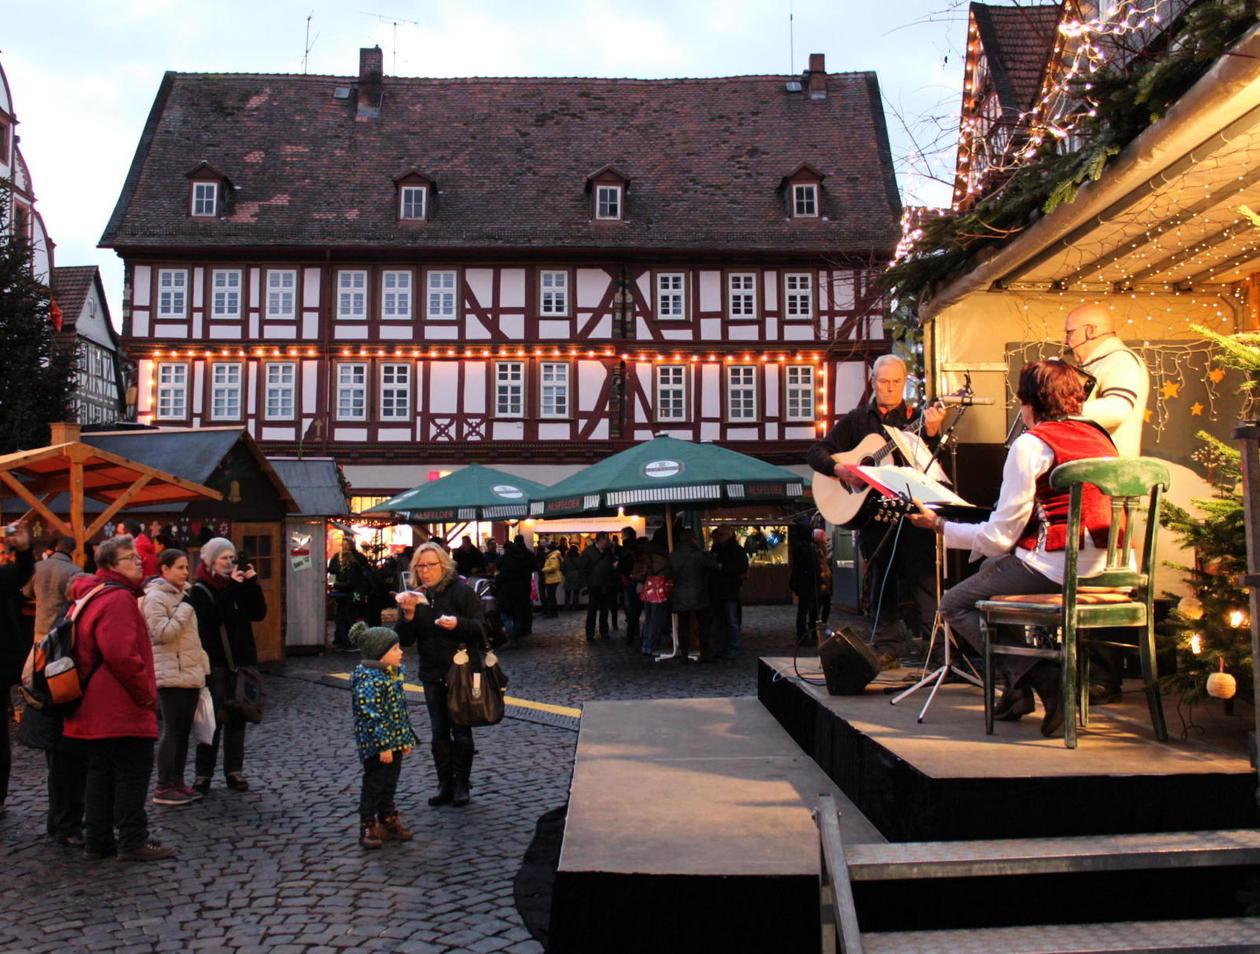 Alsfeld Weihnachtsmarkt.Markttreiben Mit Frau Holle Und Weihnachtsliedern Alsfeld